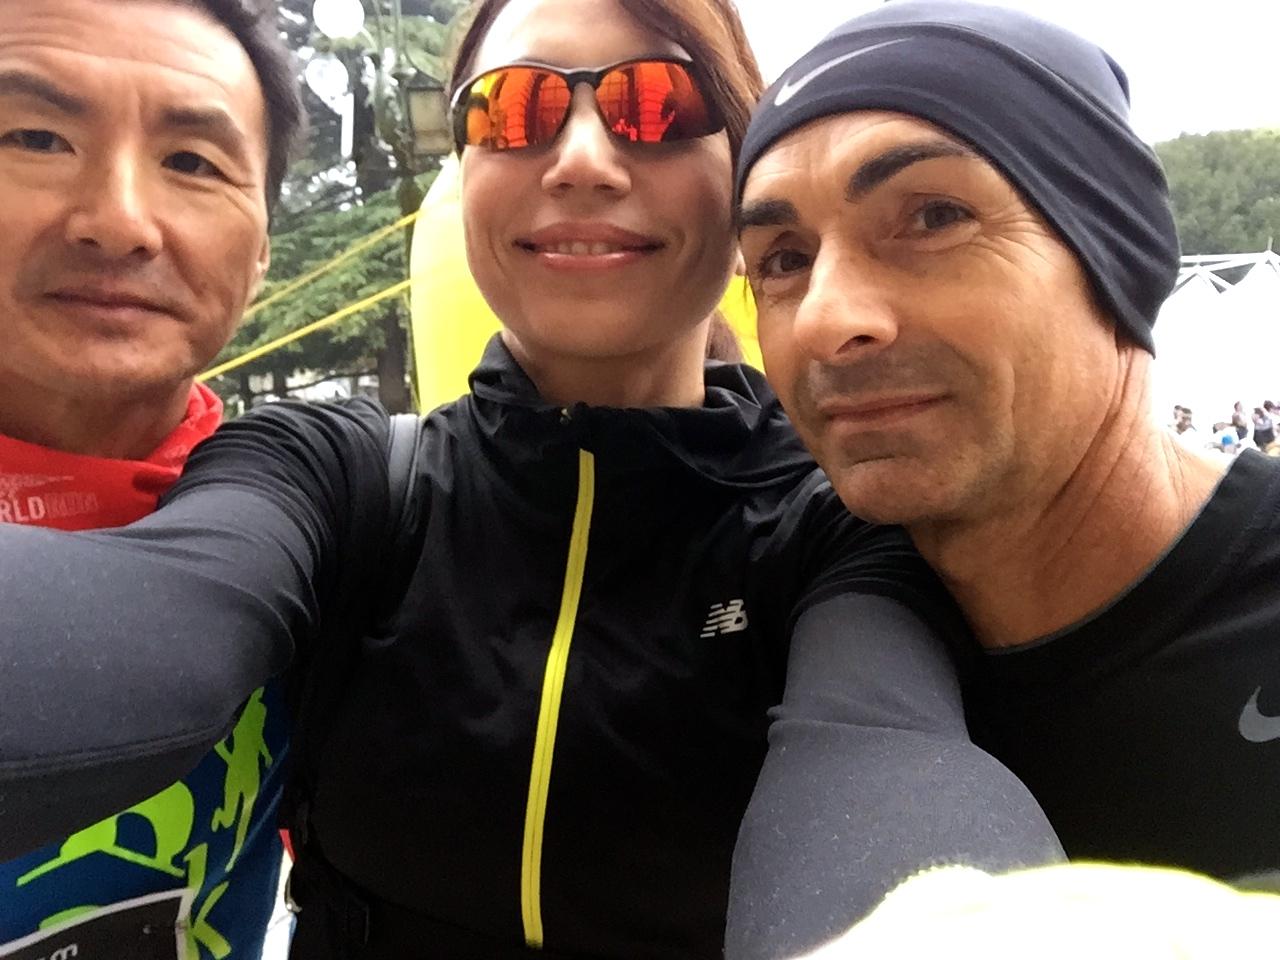 E un selfie prima dello start non ce lo facciamo? Eccomi con Il Yong e Raffaele